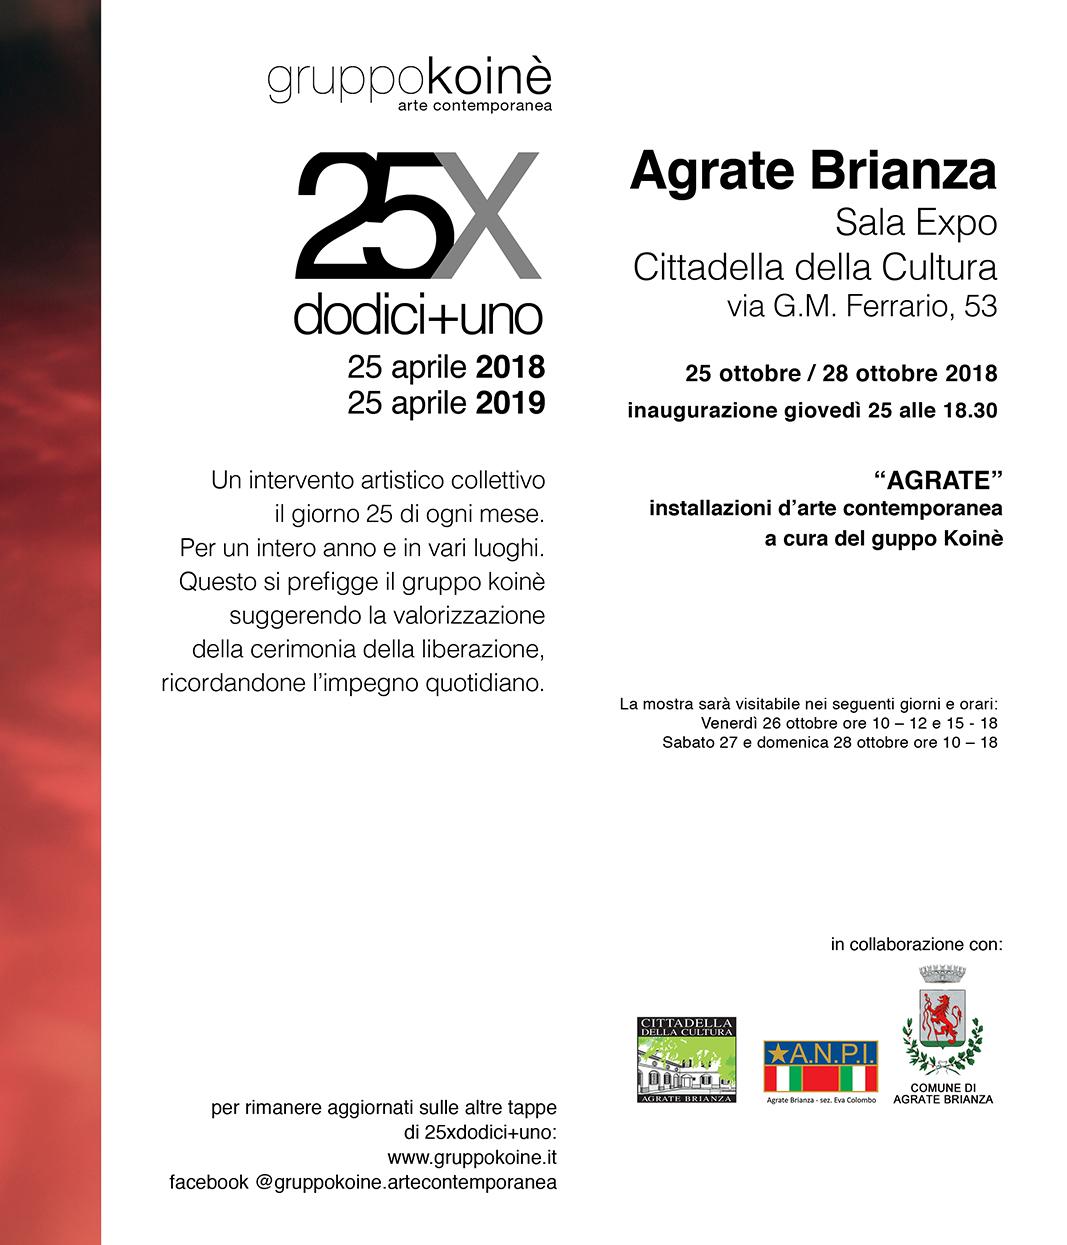 invito 25x12+1 agrate brianza_def_rid